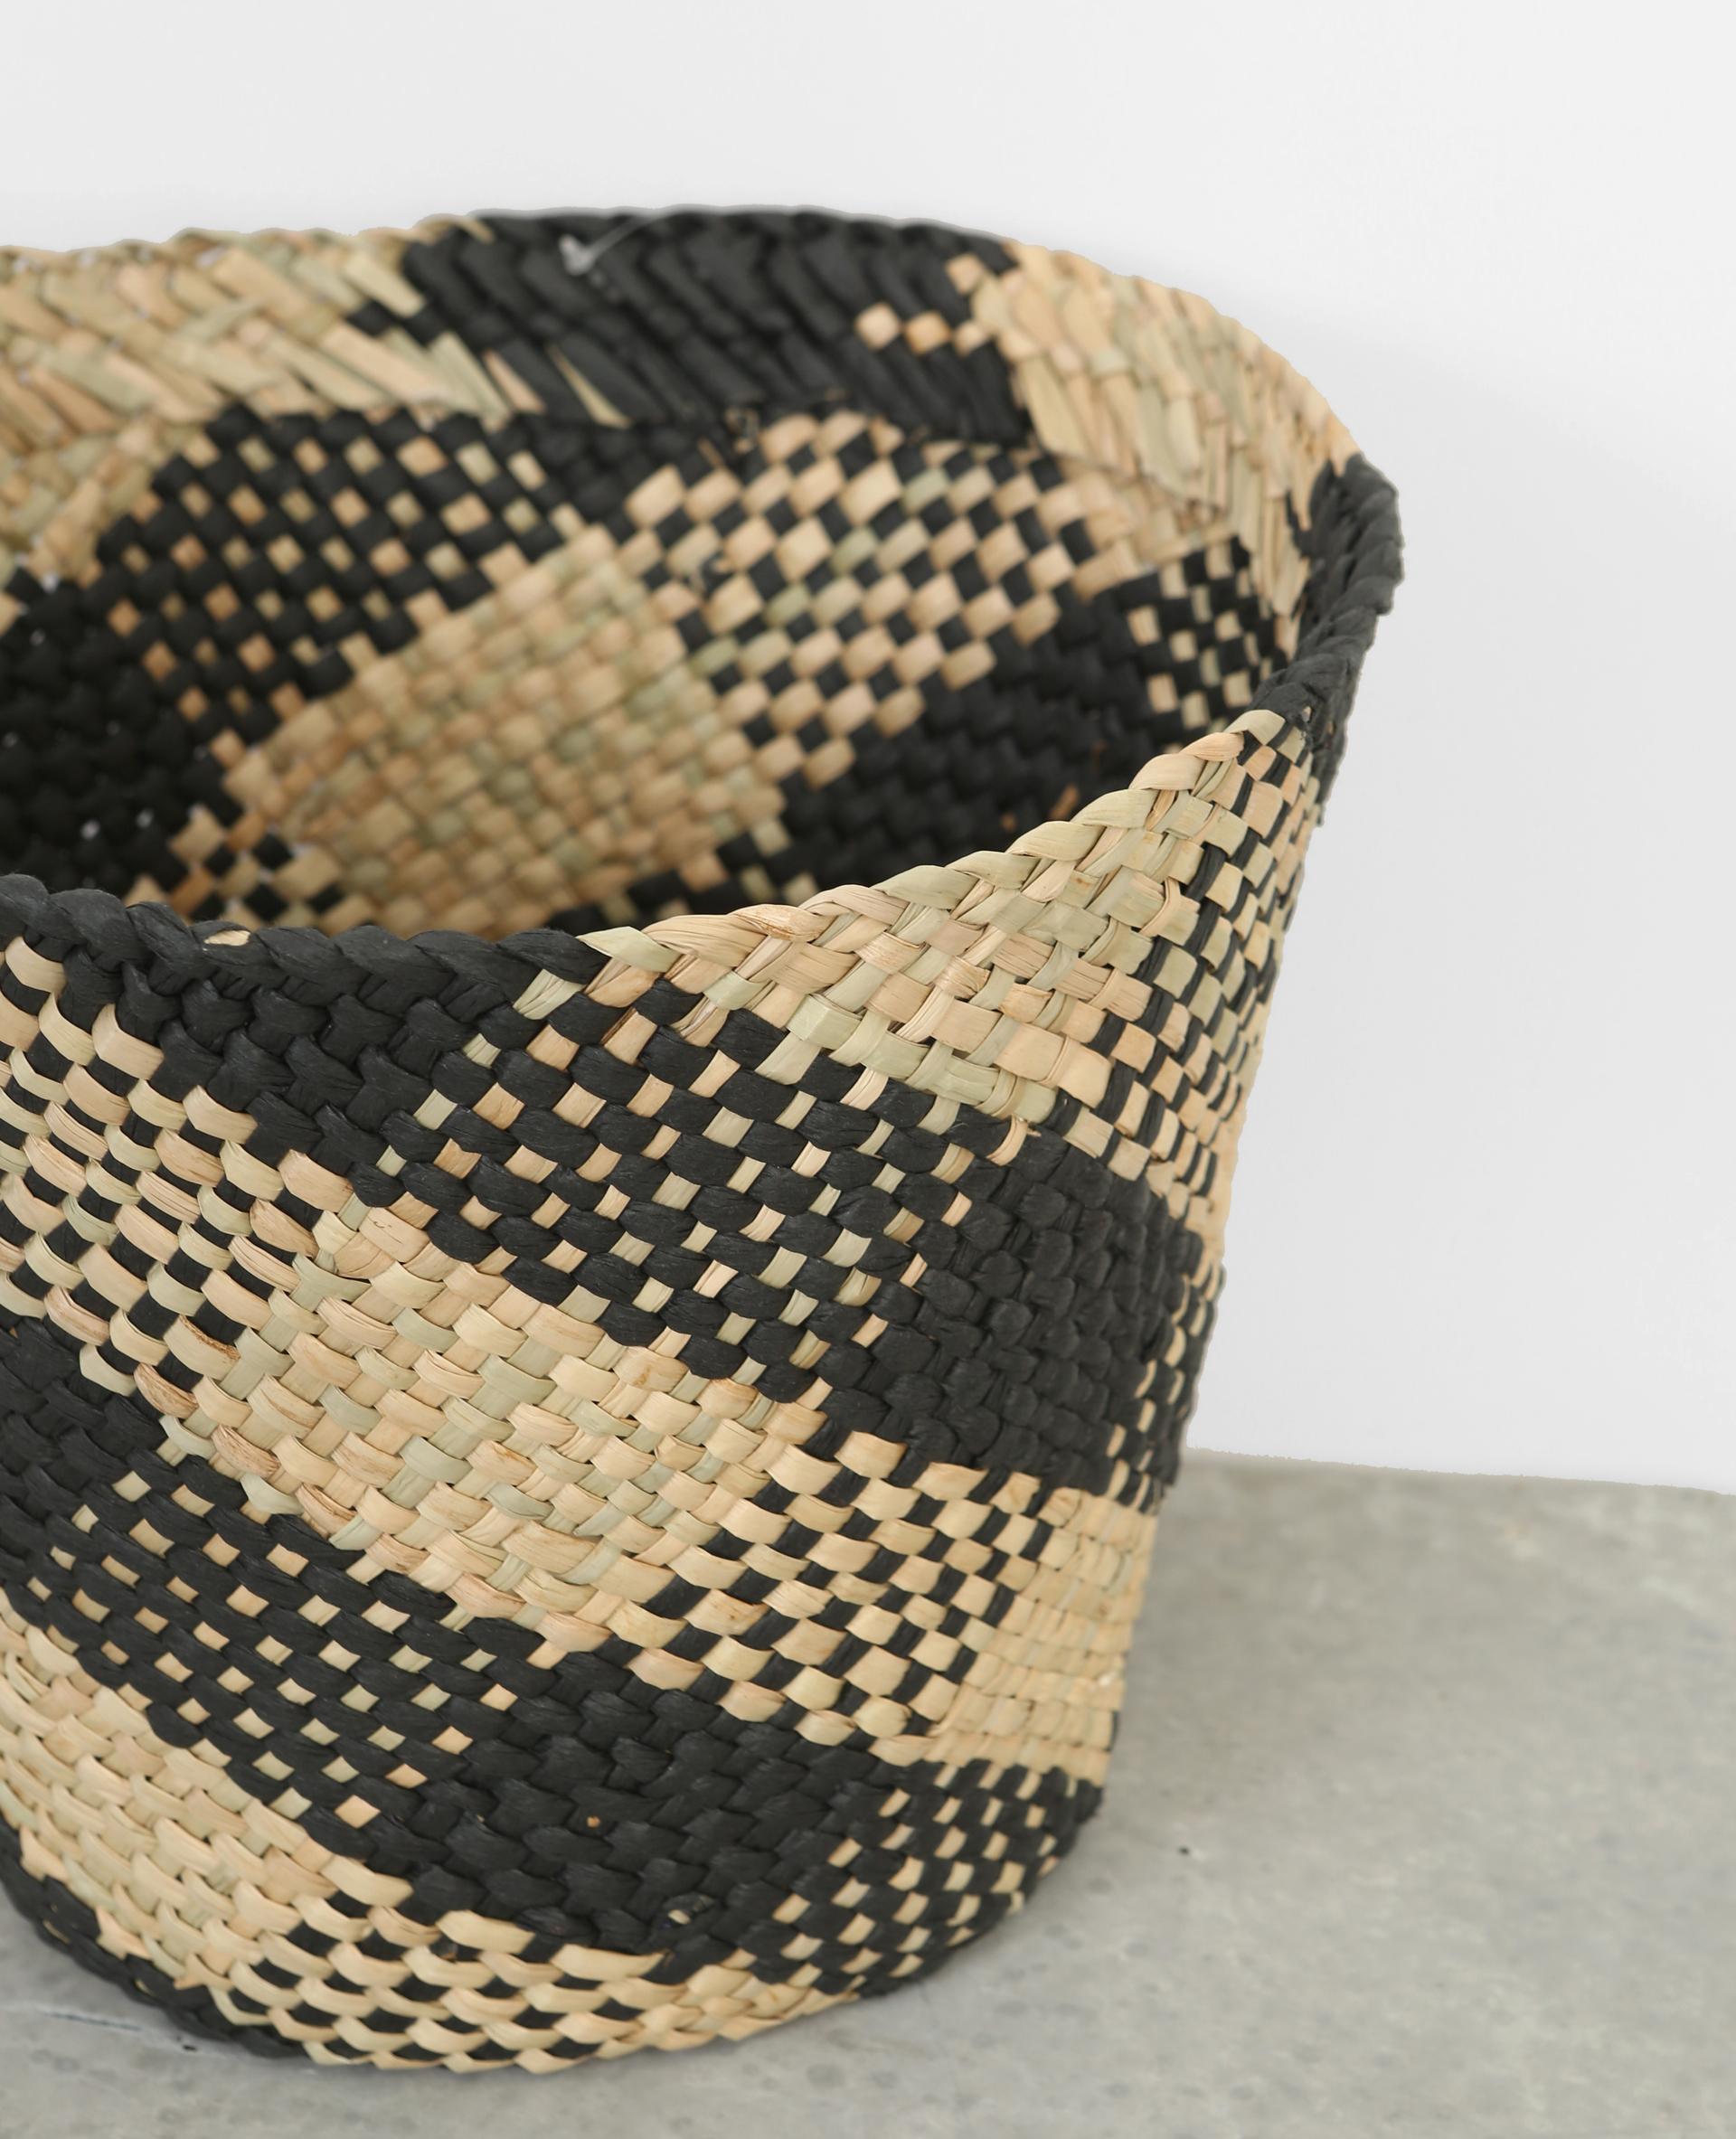 cache pot en paille tress e beige 902758899k07 pimkie. Black Bedroom Furniture Sets. Home Design Ideas